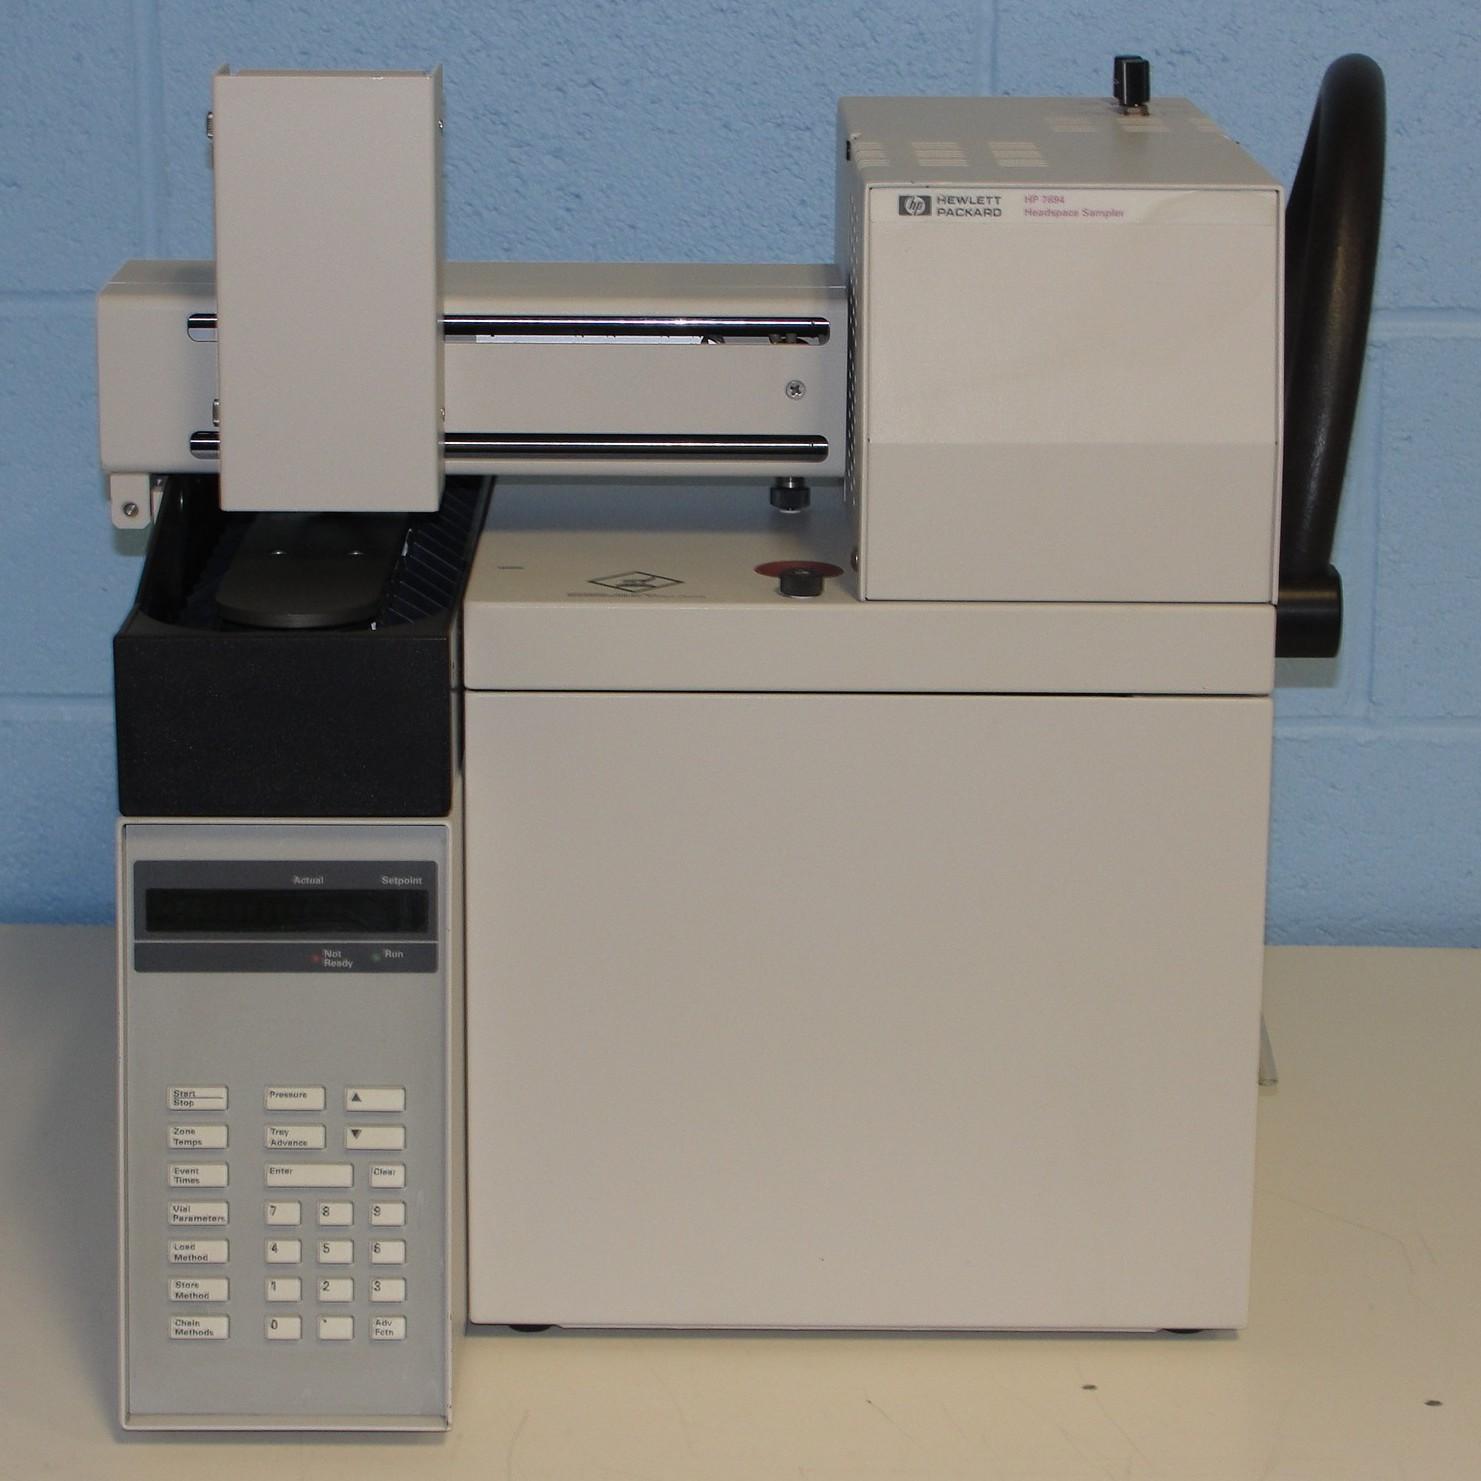 Hewlett Packard HP/Agilent 7694 Headspace AutoSampler Model G1290A Image